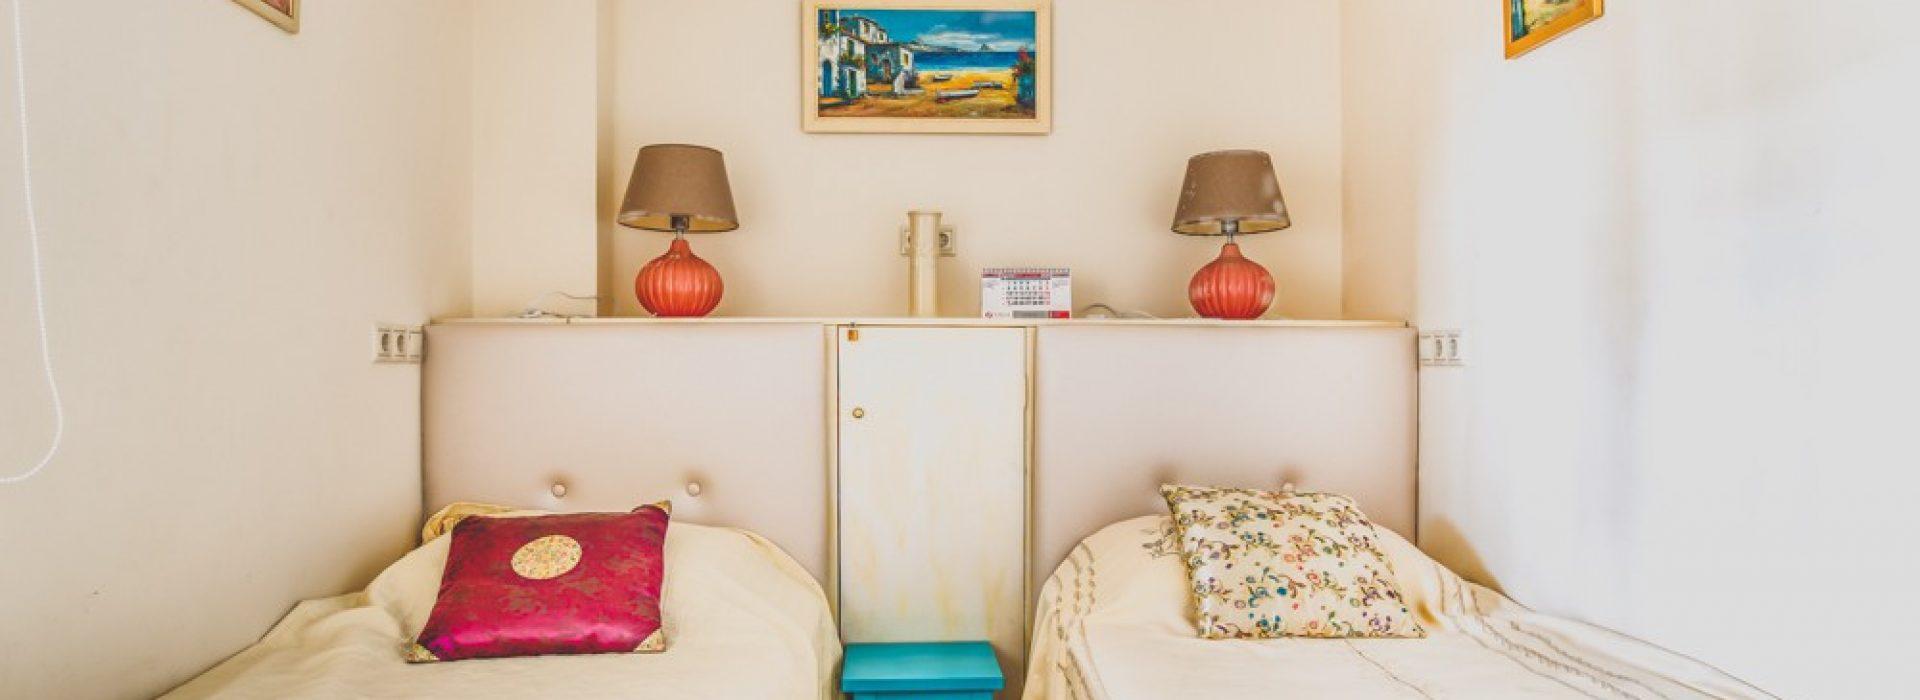 piekny-apartament-z-widokiem-na-jezioro-i-morze-w-calpe-4-24126